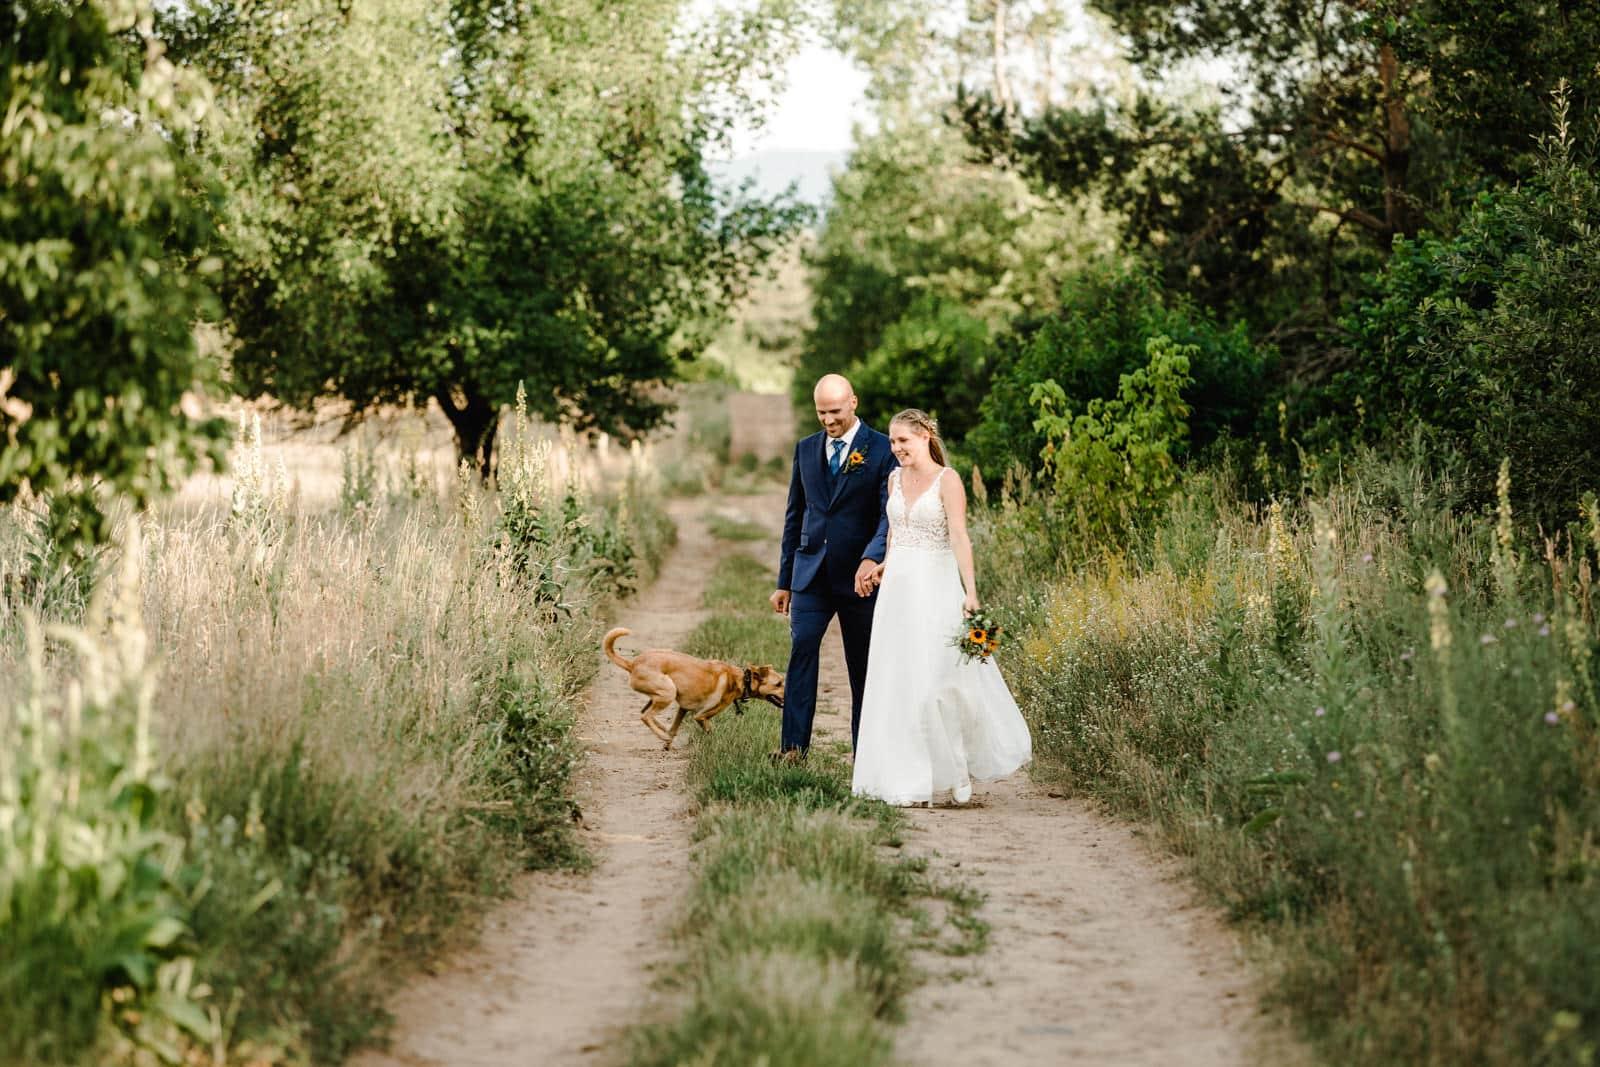 Brautpaar beim Fotoshooting mit rennendem Hund im Grünen.